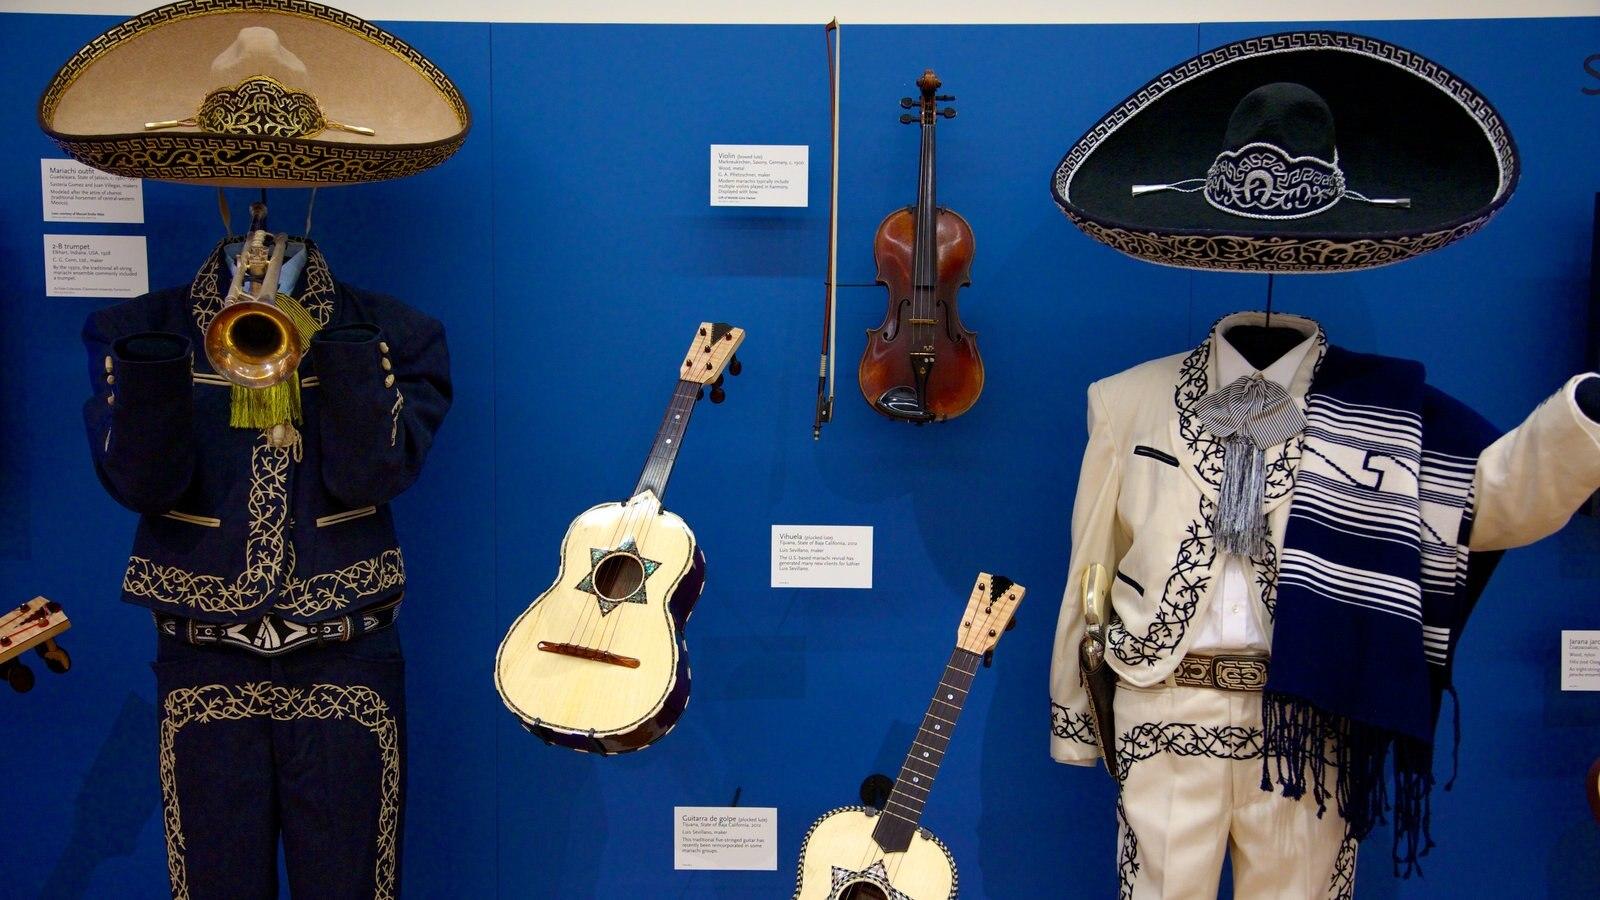 Museu dos Instrumentos Musicais mostrando música e vistas internas